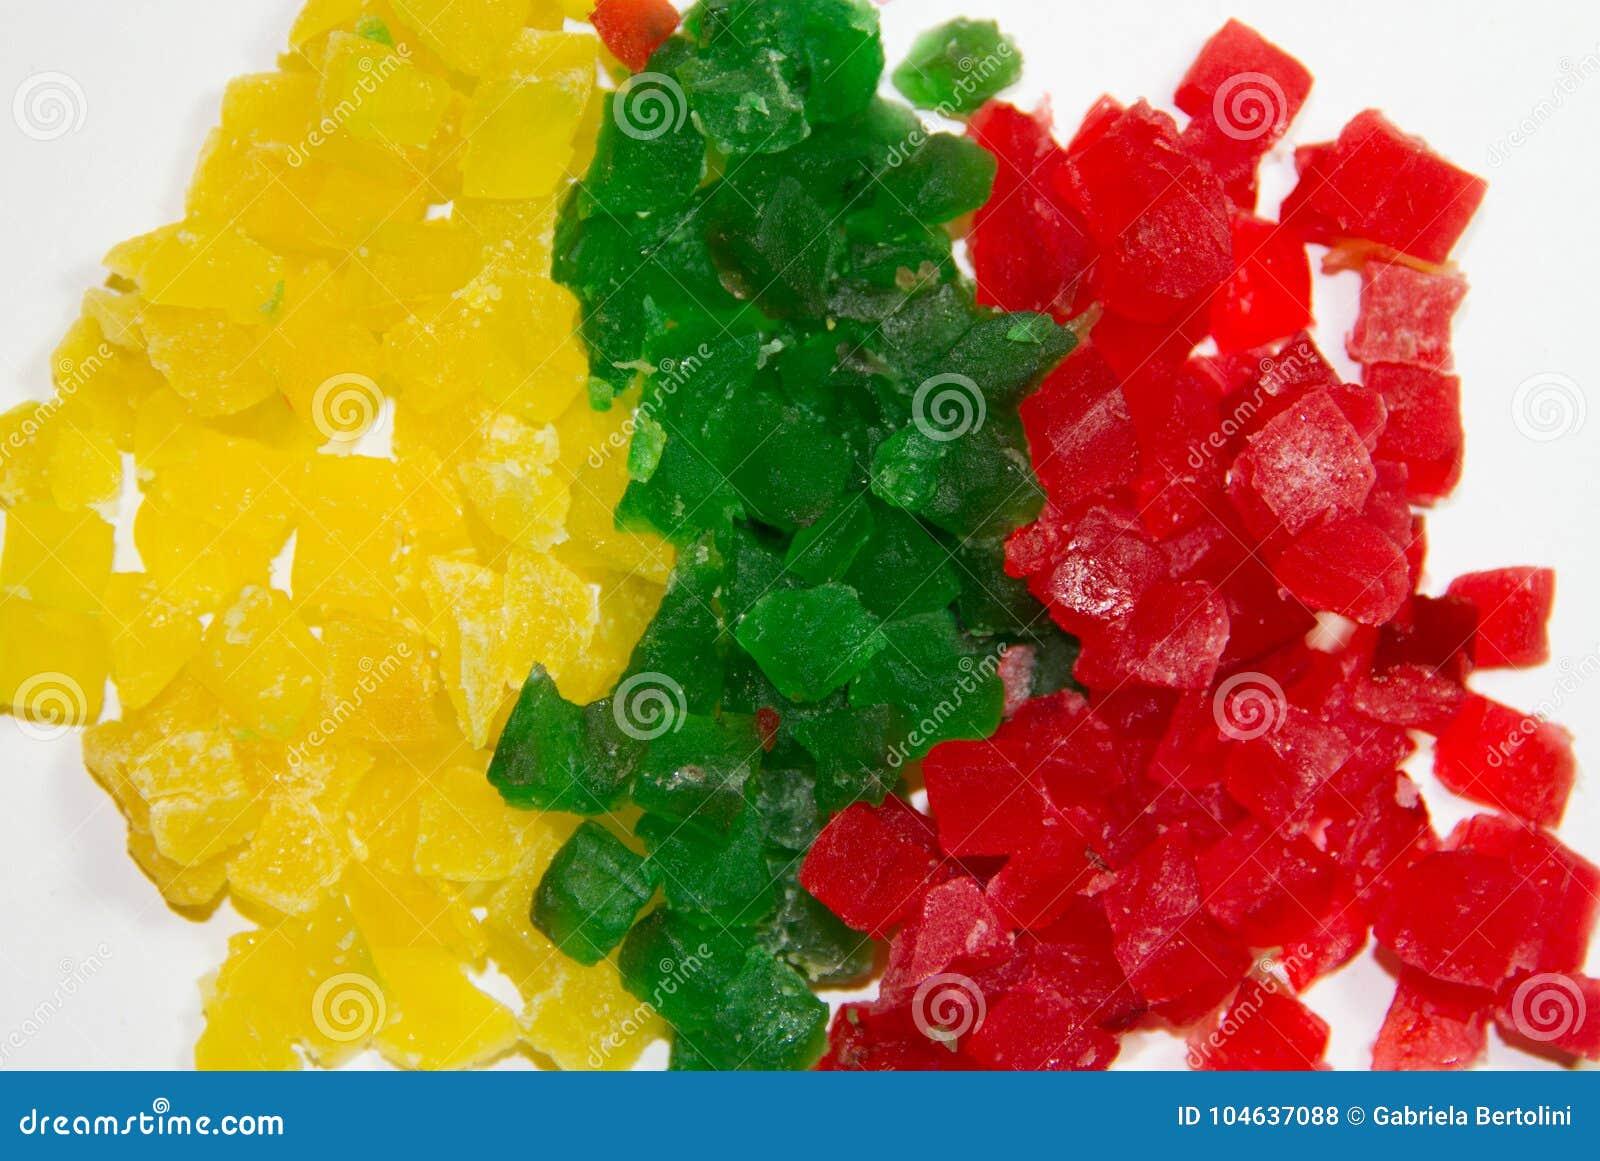 Download Kleurrijke Besnoeiing Bevroren Vruchten Op Witte Achtergrond Stock Foto - Afbeelding bestaande uit fruit, gelatine: 104637088